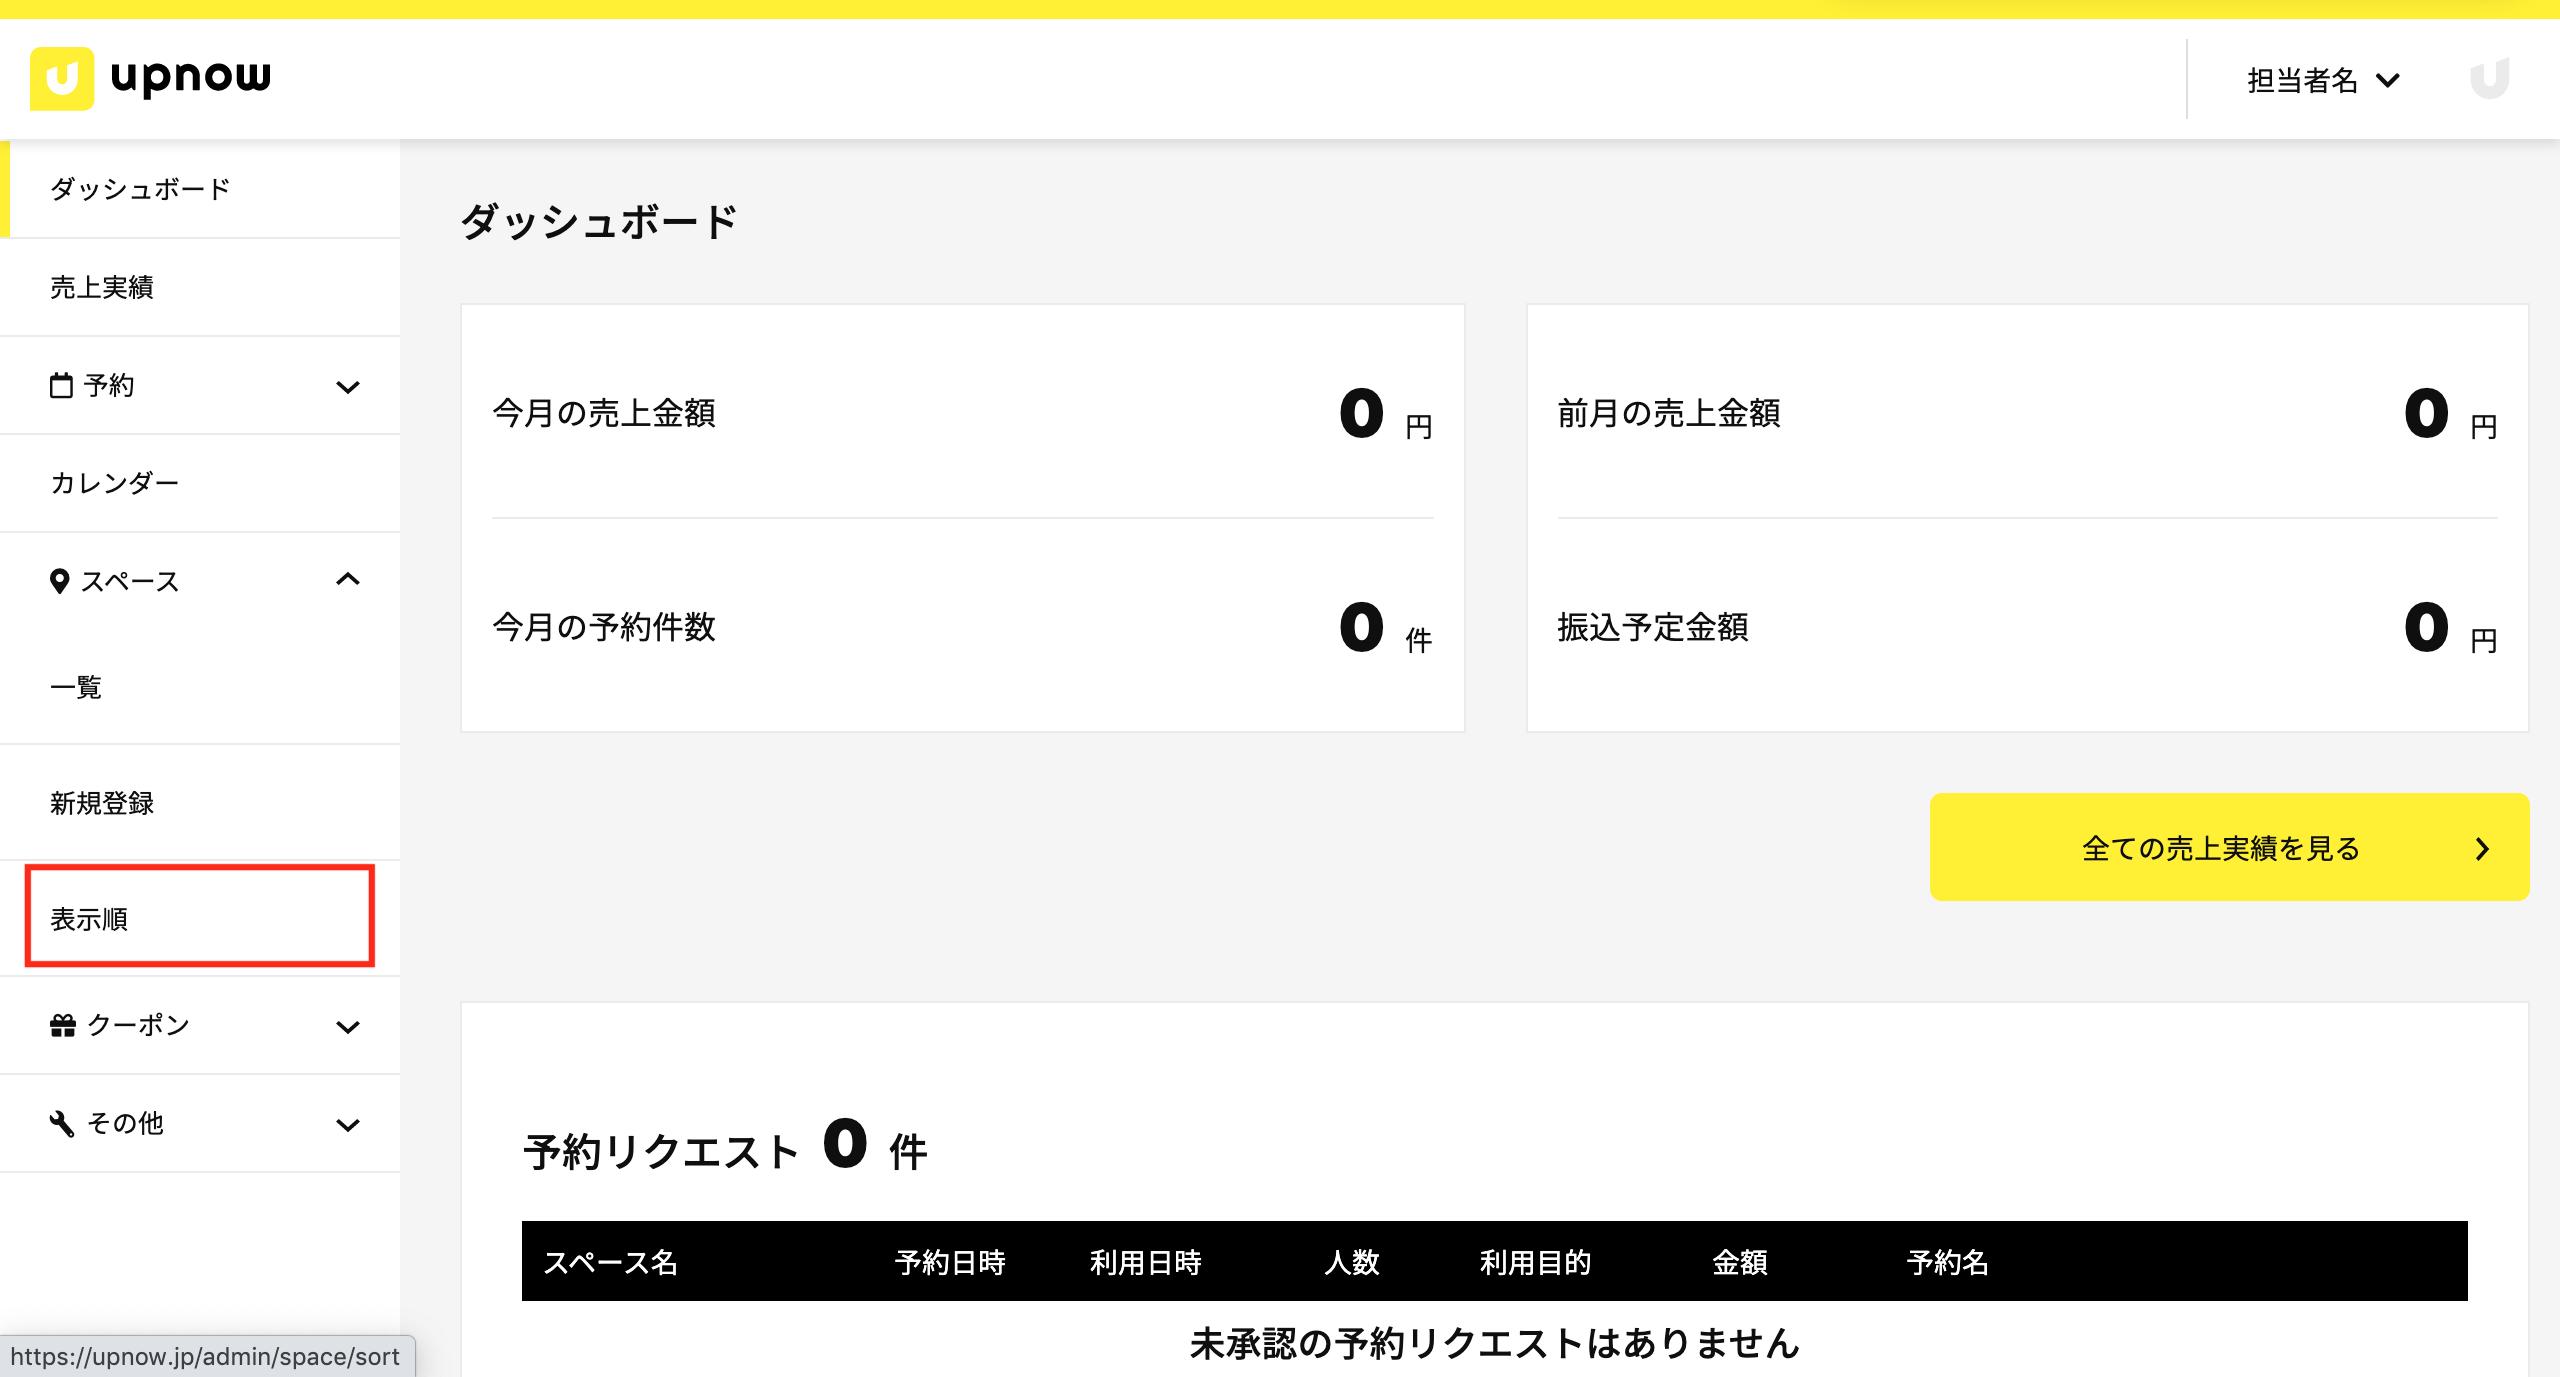 スクリーンショット 2020-06-05 11.12.44.png